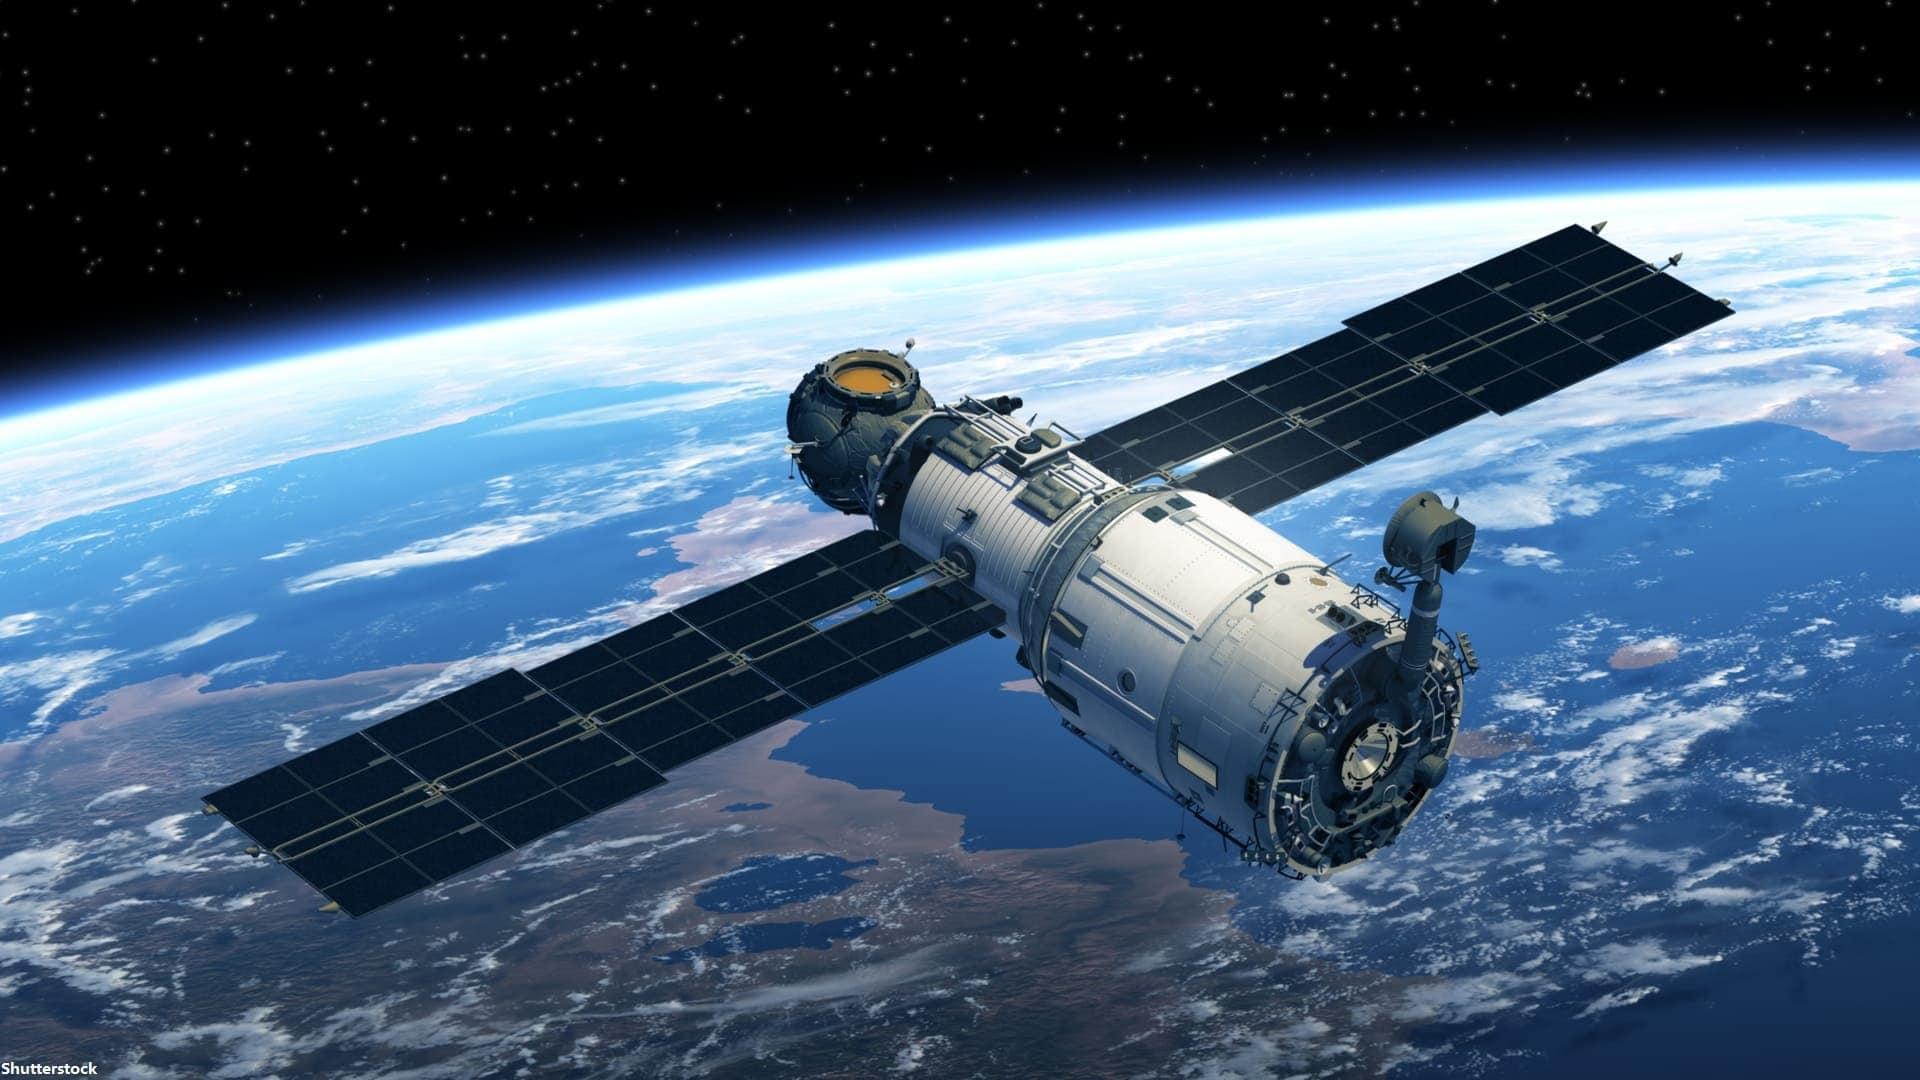 Blockstream Satellite Lightning Network 2